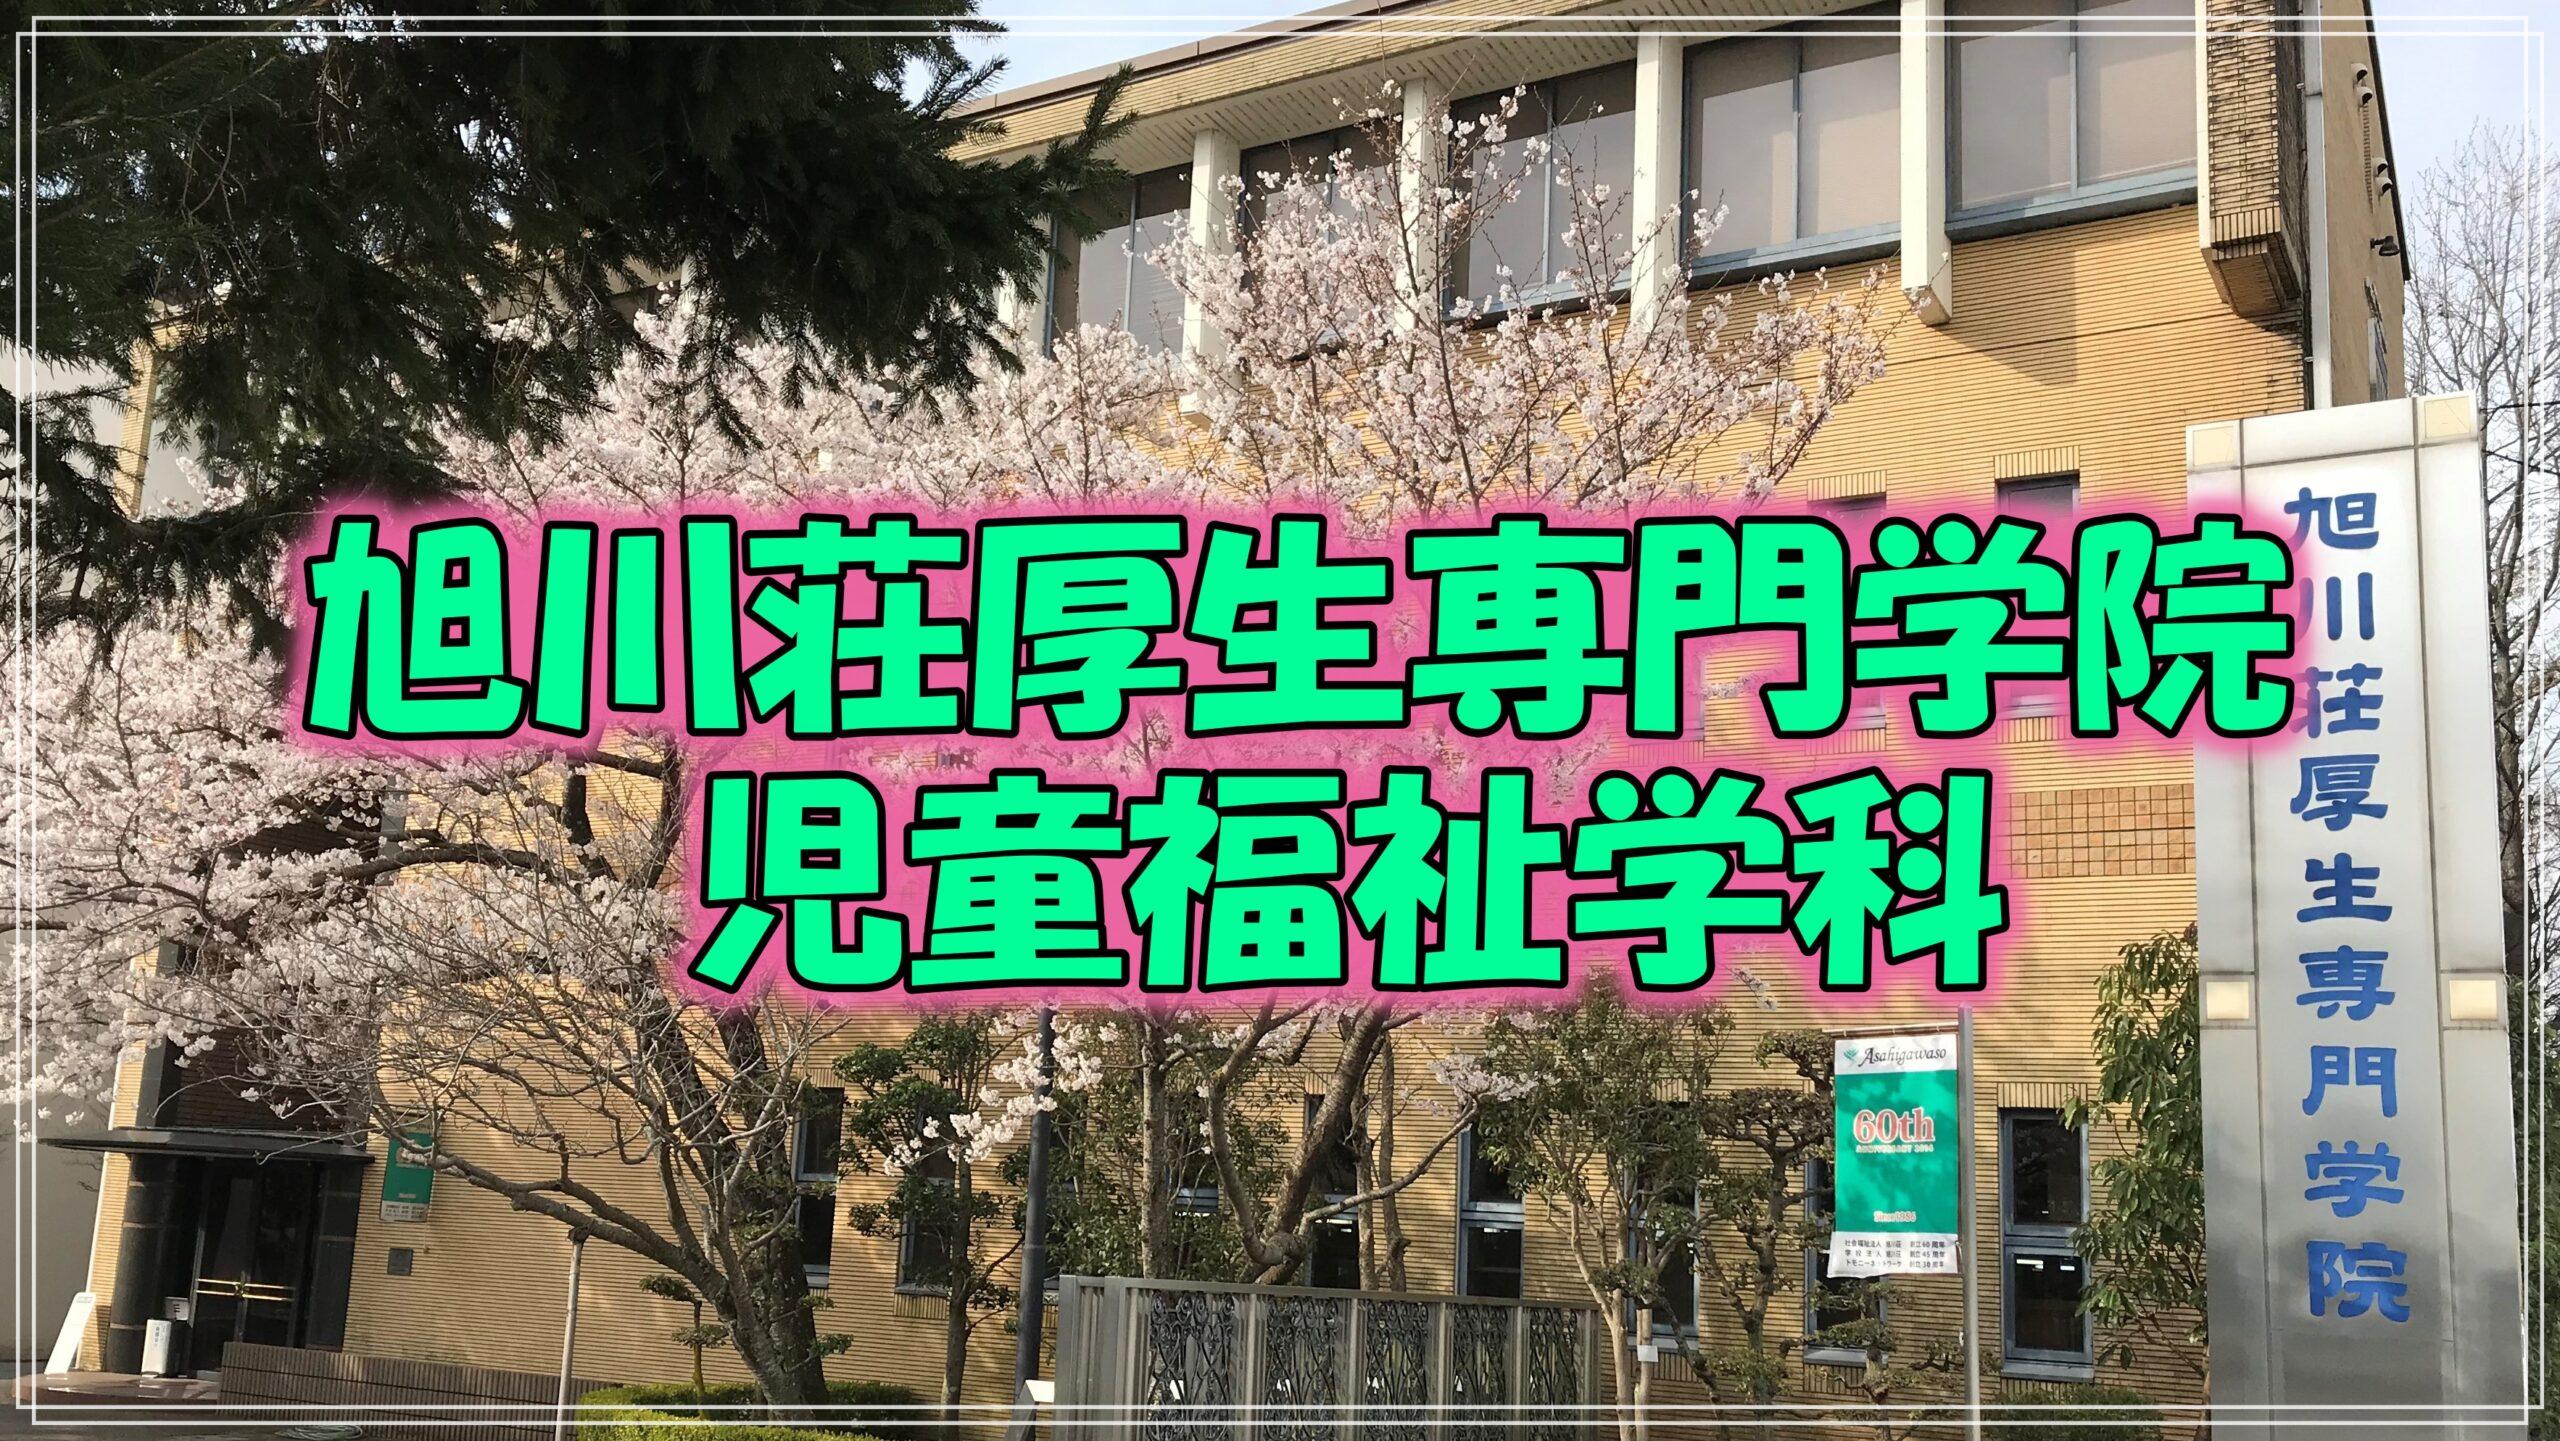 旭川荘厚生専門学院 児童福祉学科